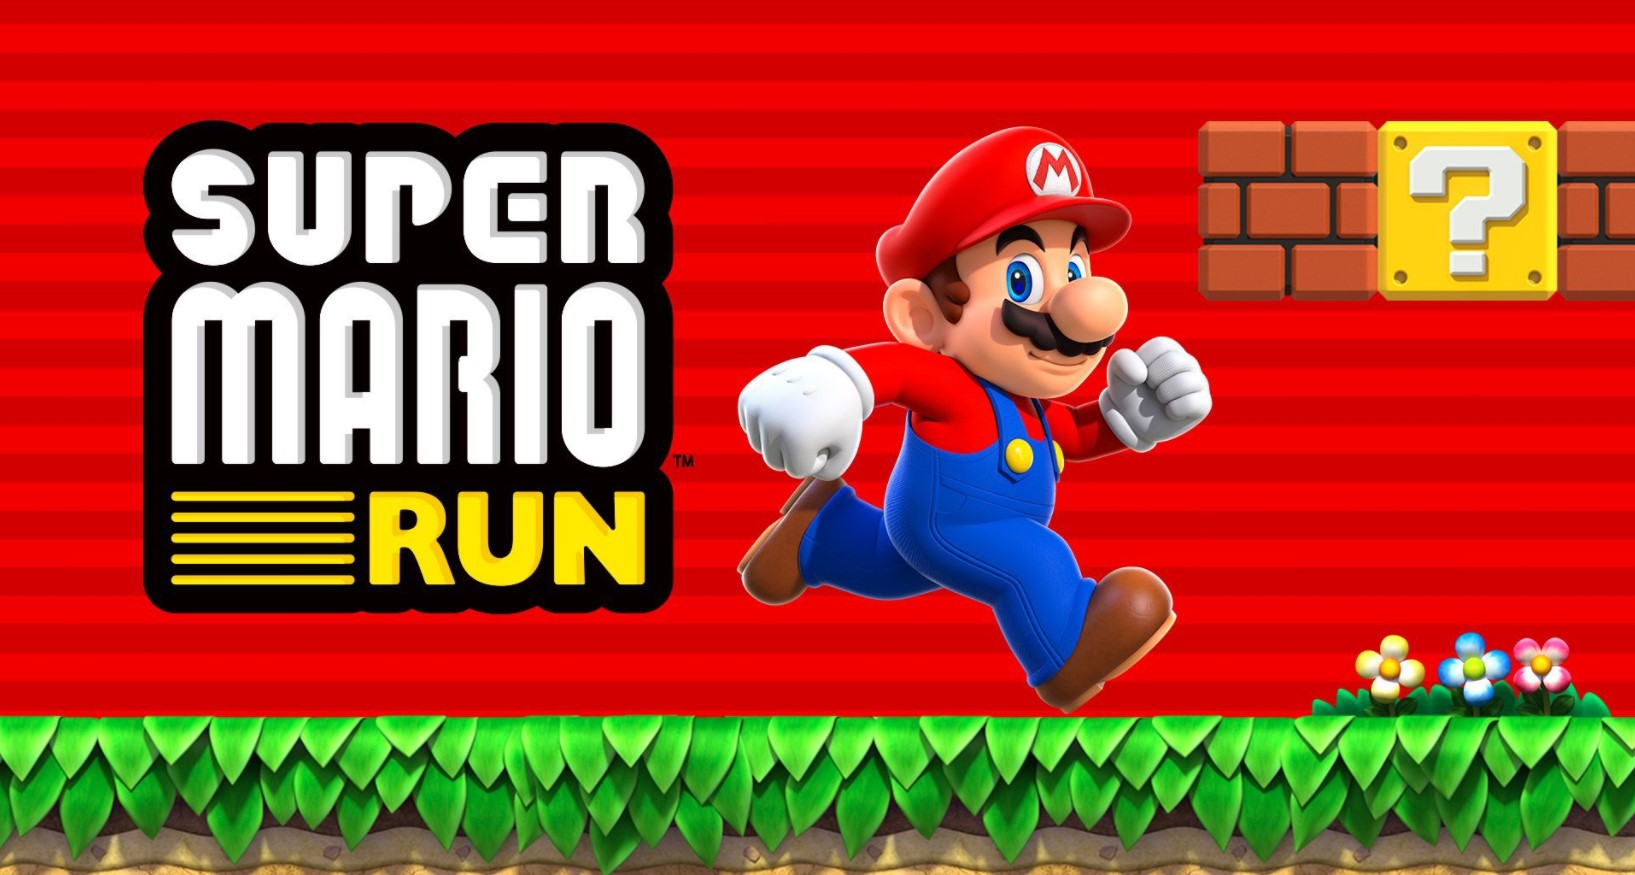 Super Mario Run 2.0.0 APK